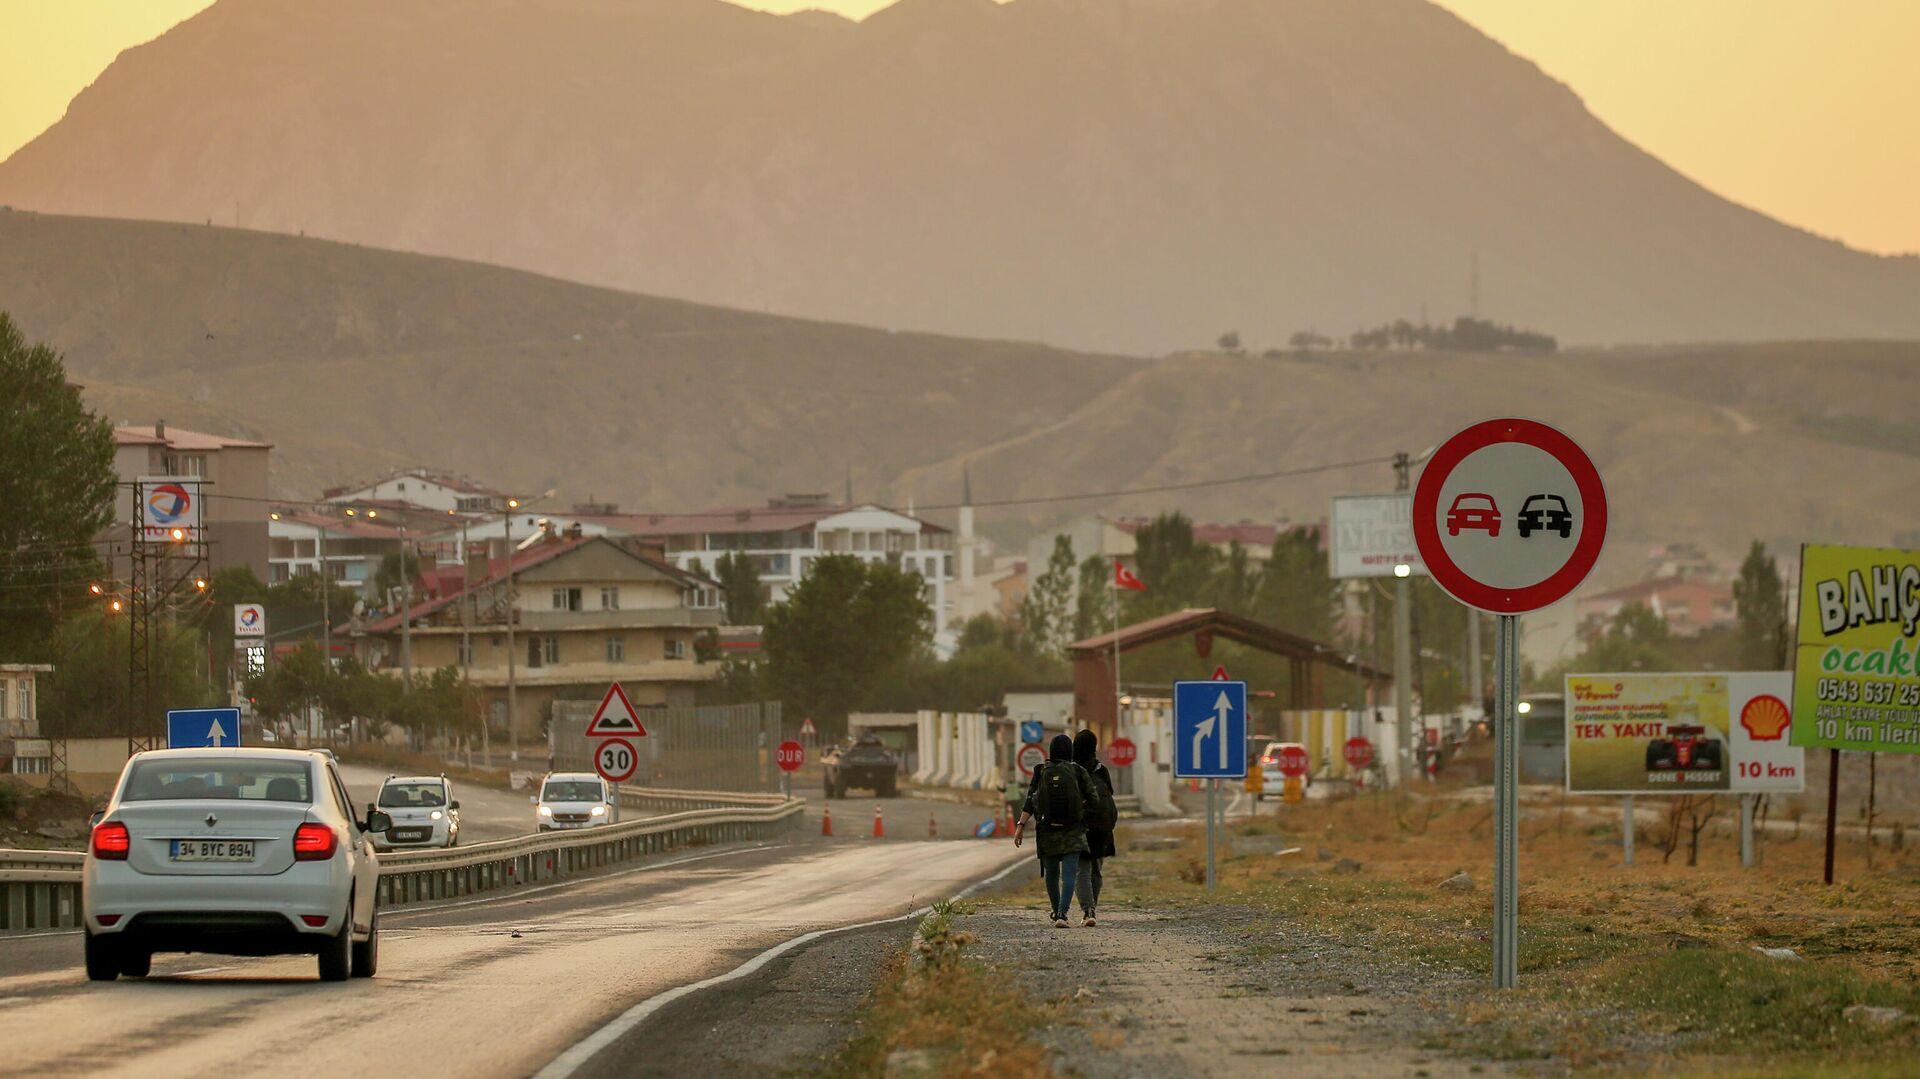 Афганские мигранты в Татване, на востоке Турции  - РИА Новости, 1920, 10.09.2021